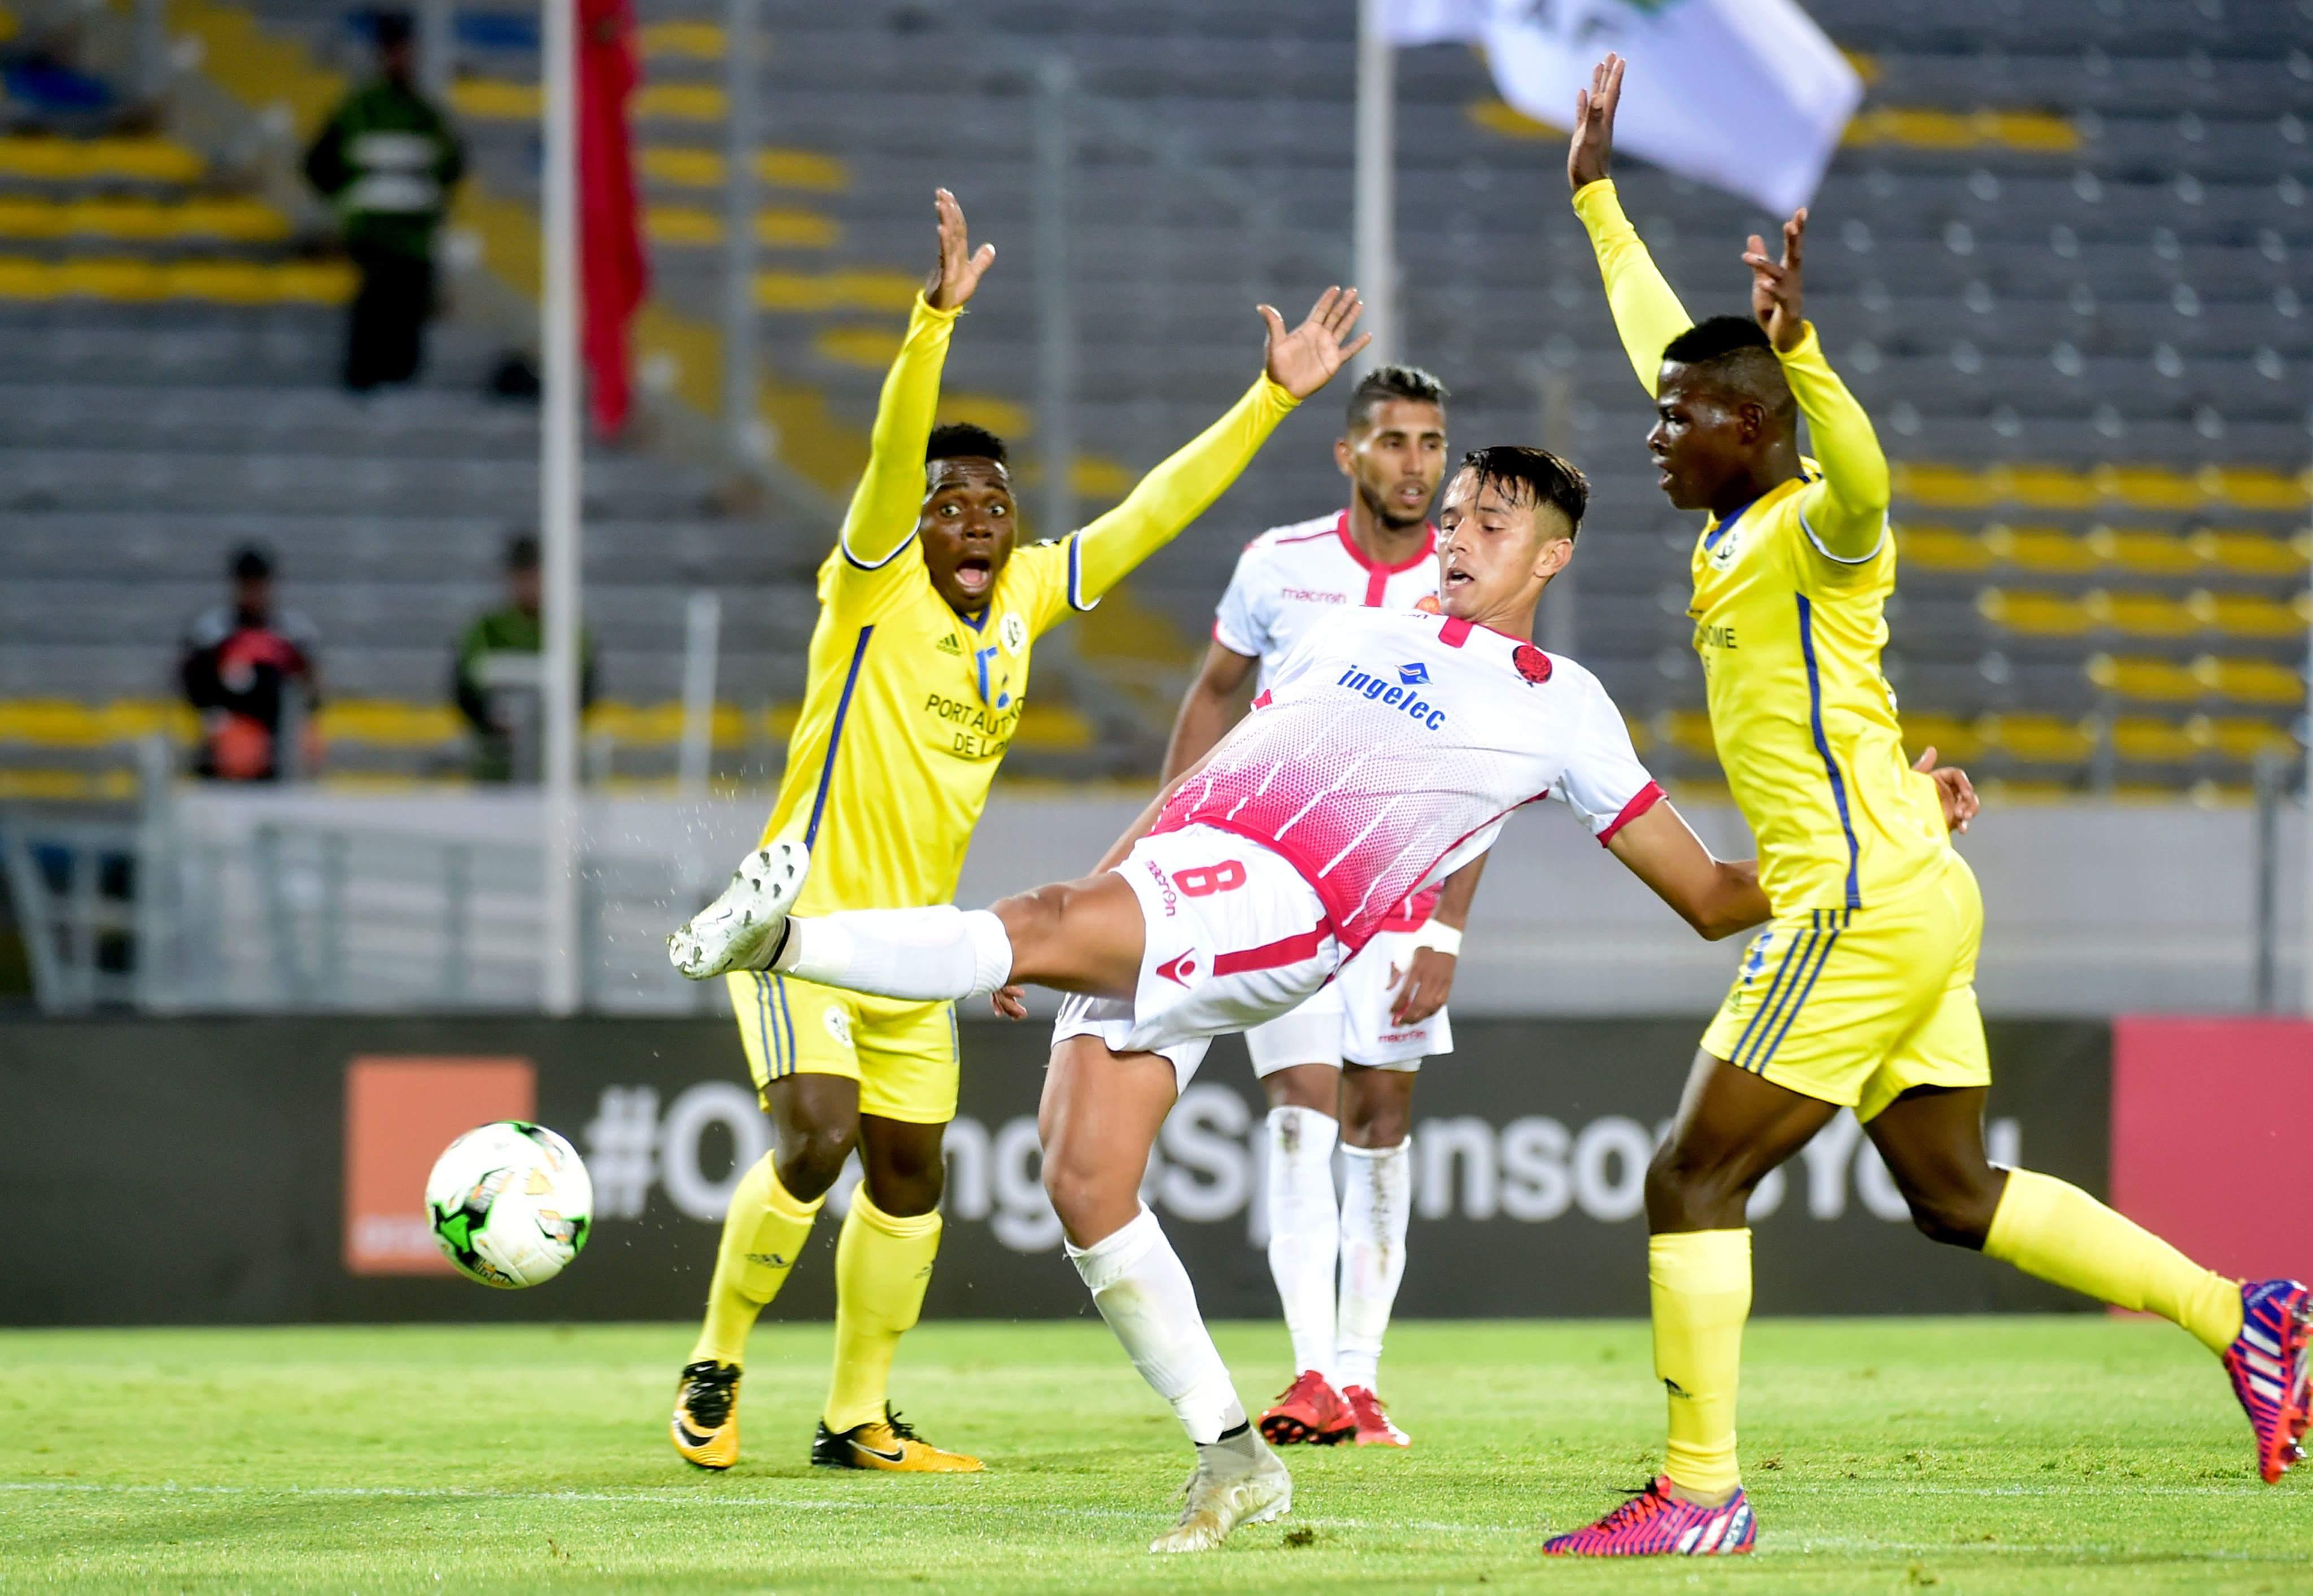 الوداد يهزم توجو بور في دوري أبطال افريقيا